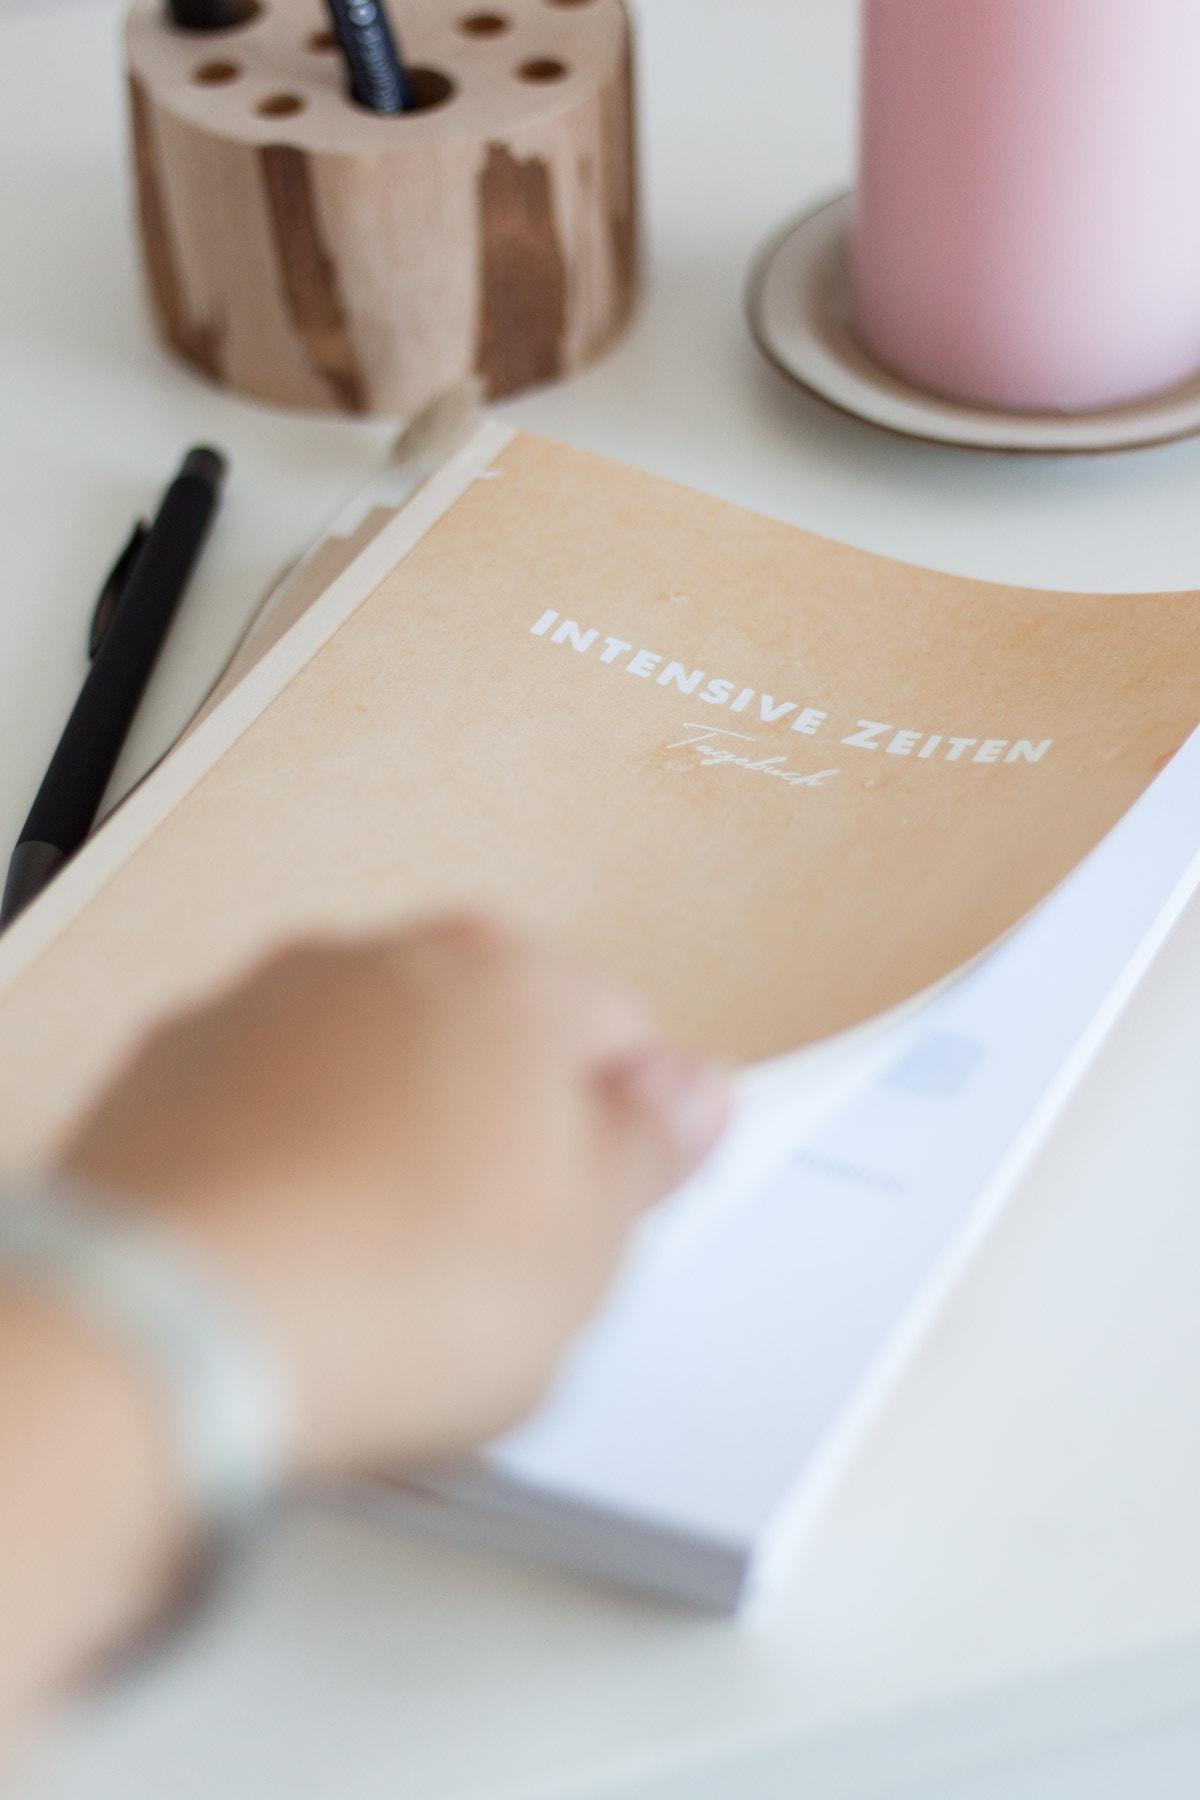 Schreiben in der Krise: das INTENSIVE ZEITEN Tagebuch